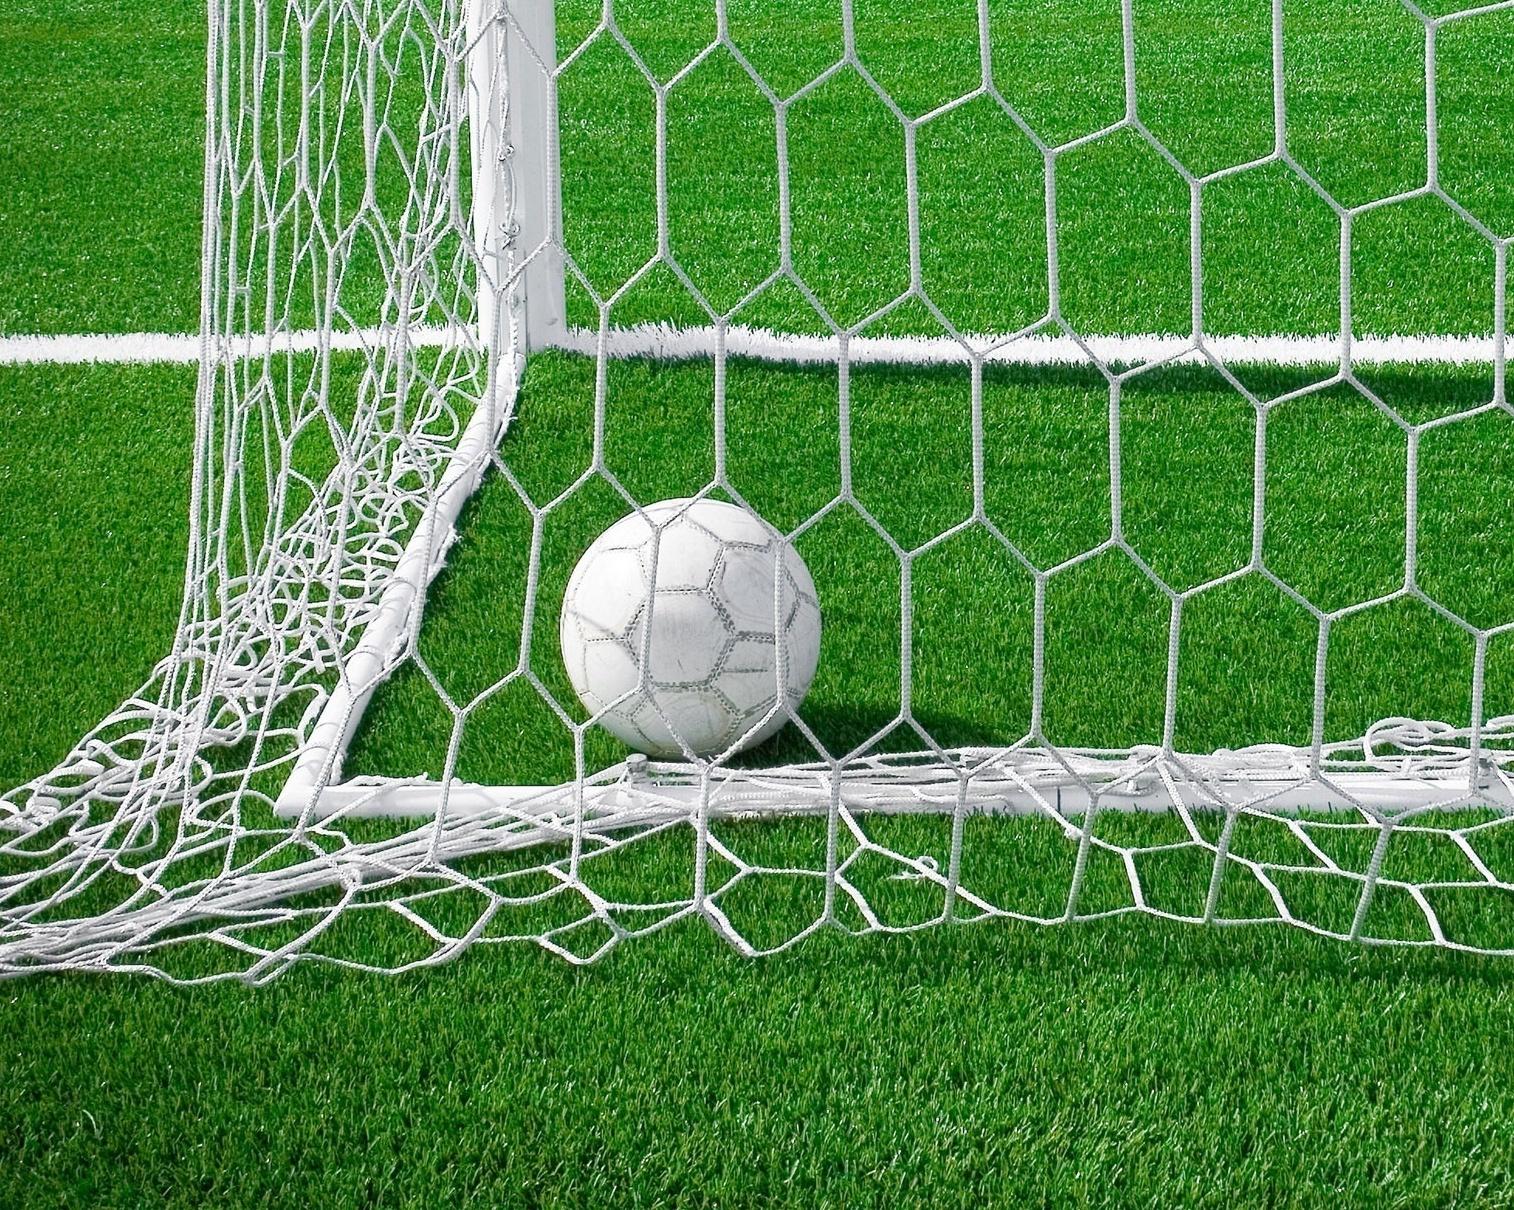 Másodosztályú ellenféllel szemben kezdi meg a kupasorozatot a Torony KSK